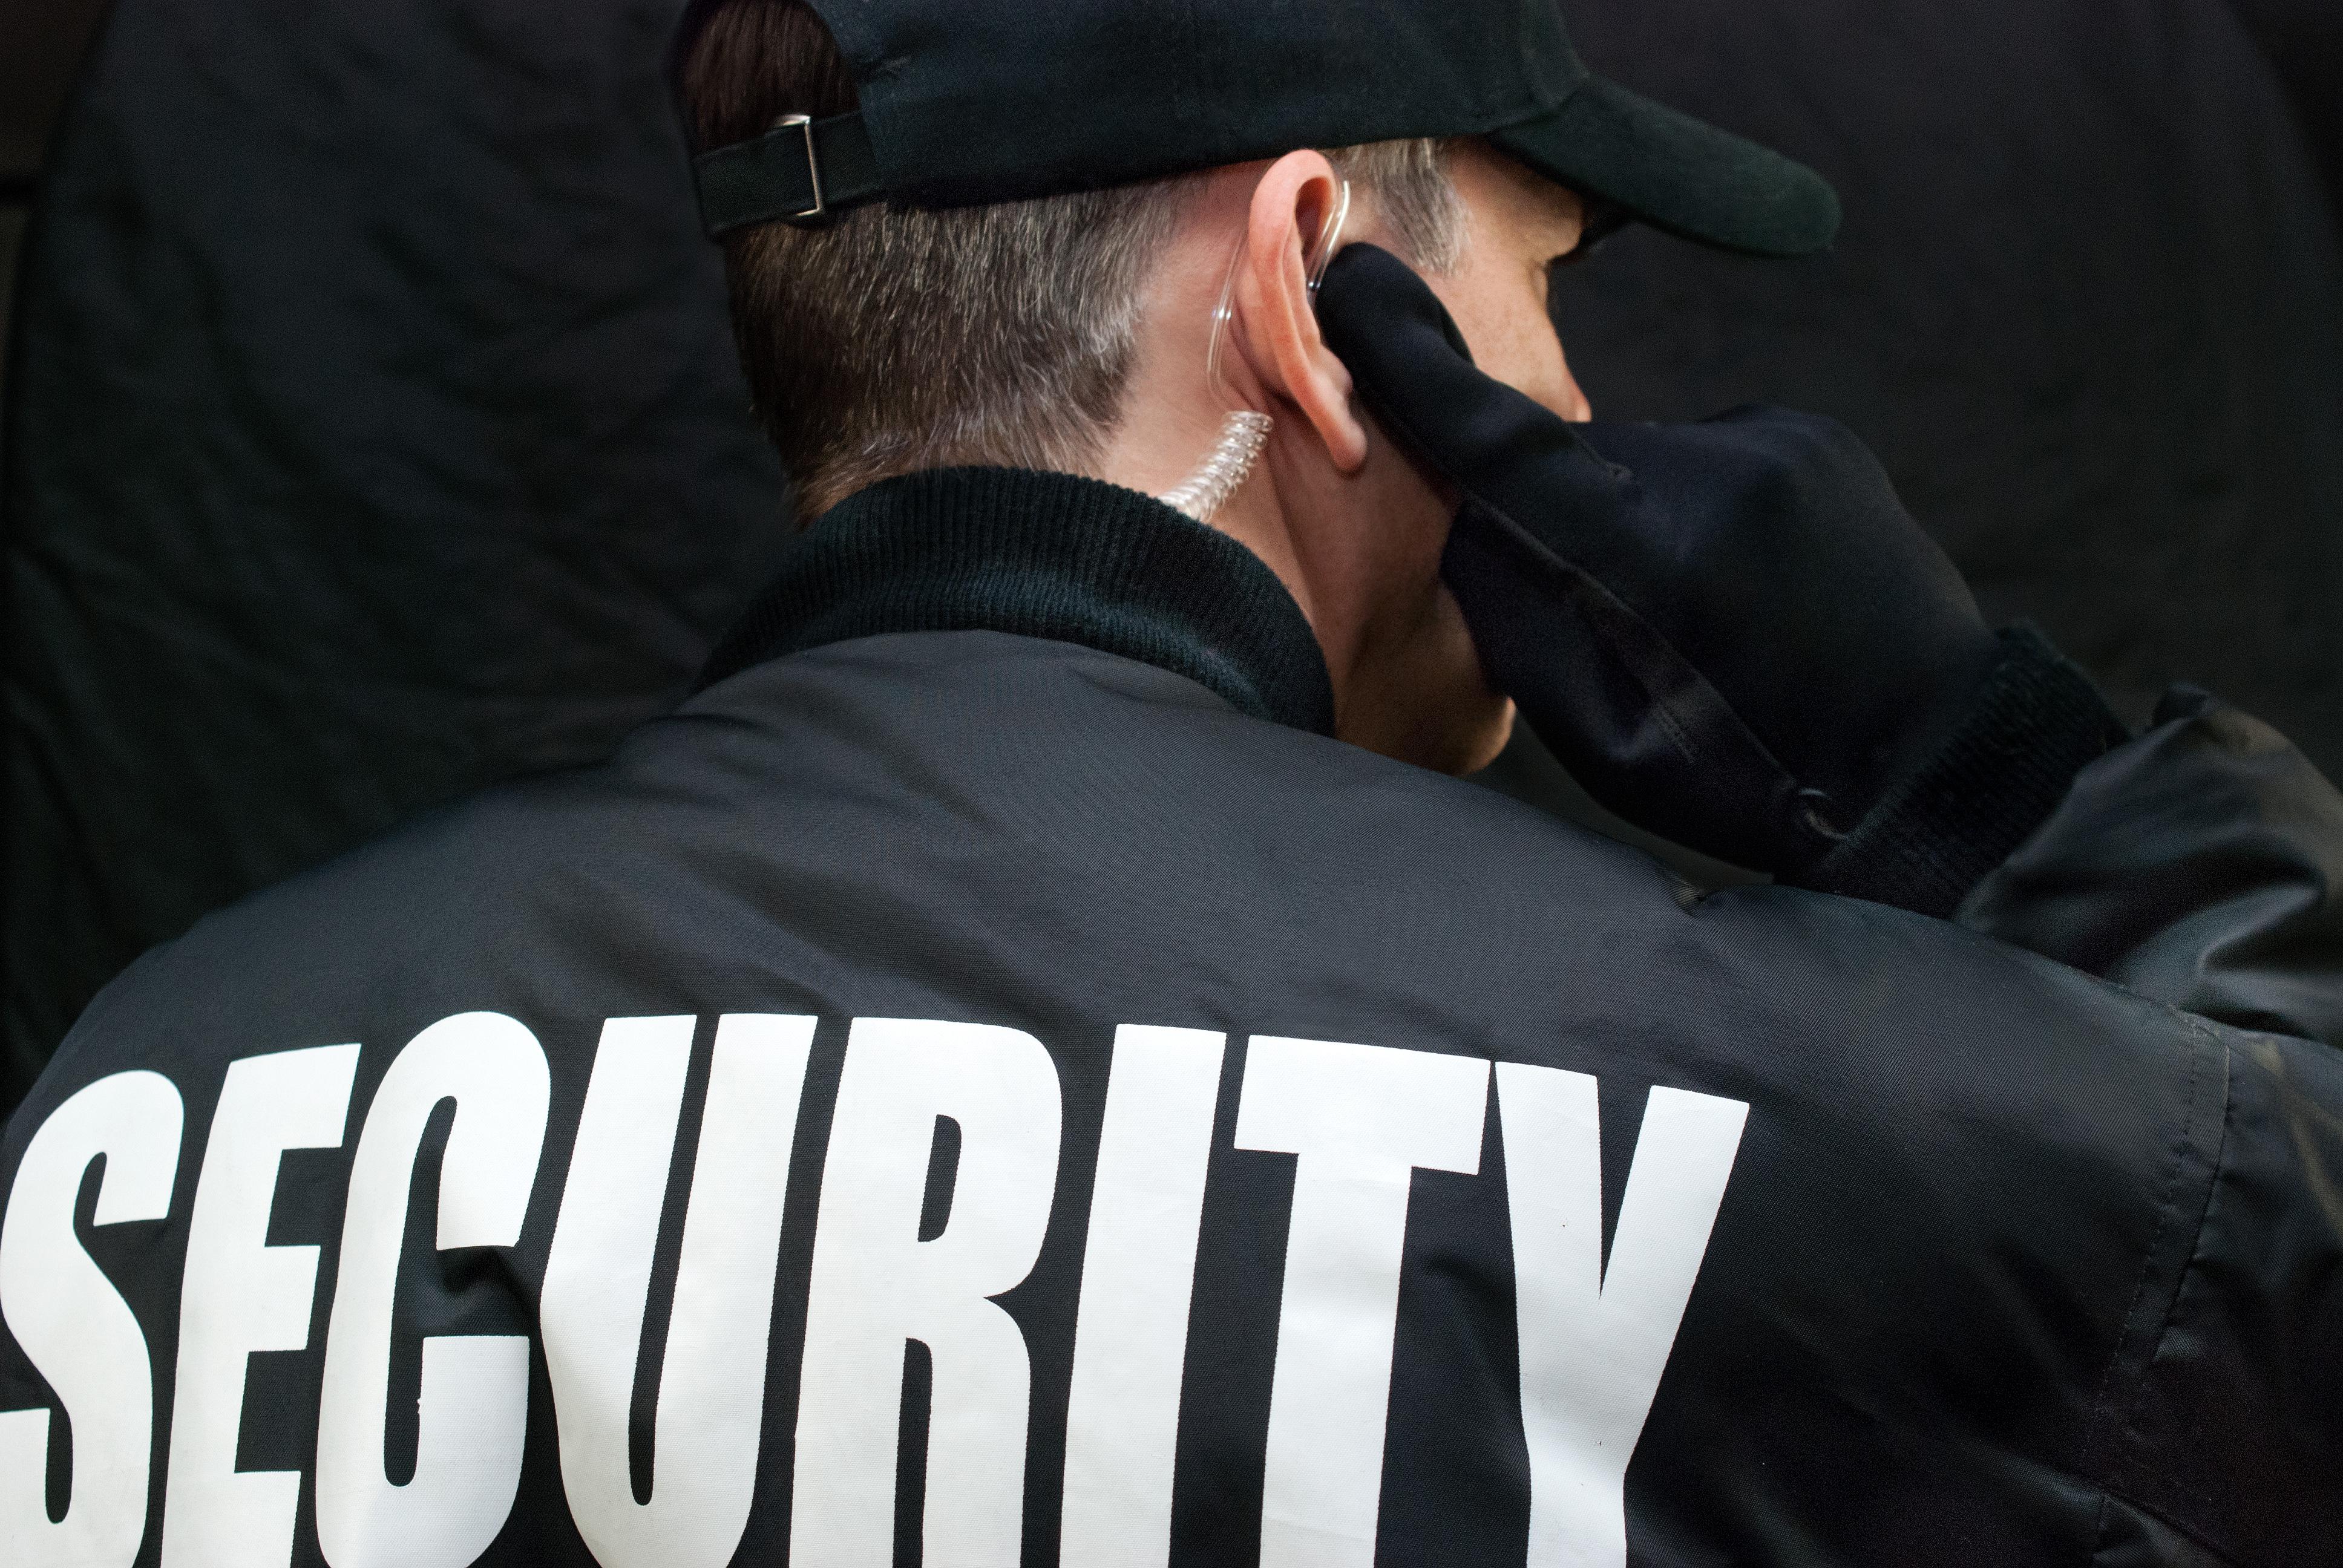 Executive Security - Delta Protective Services